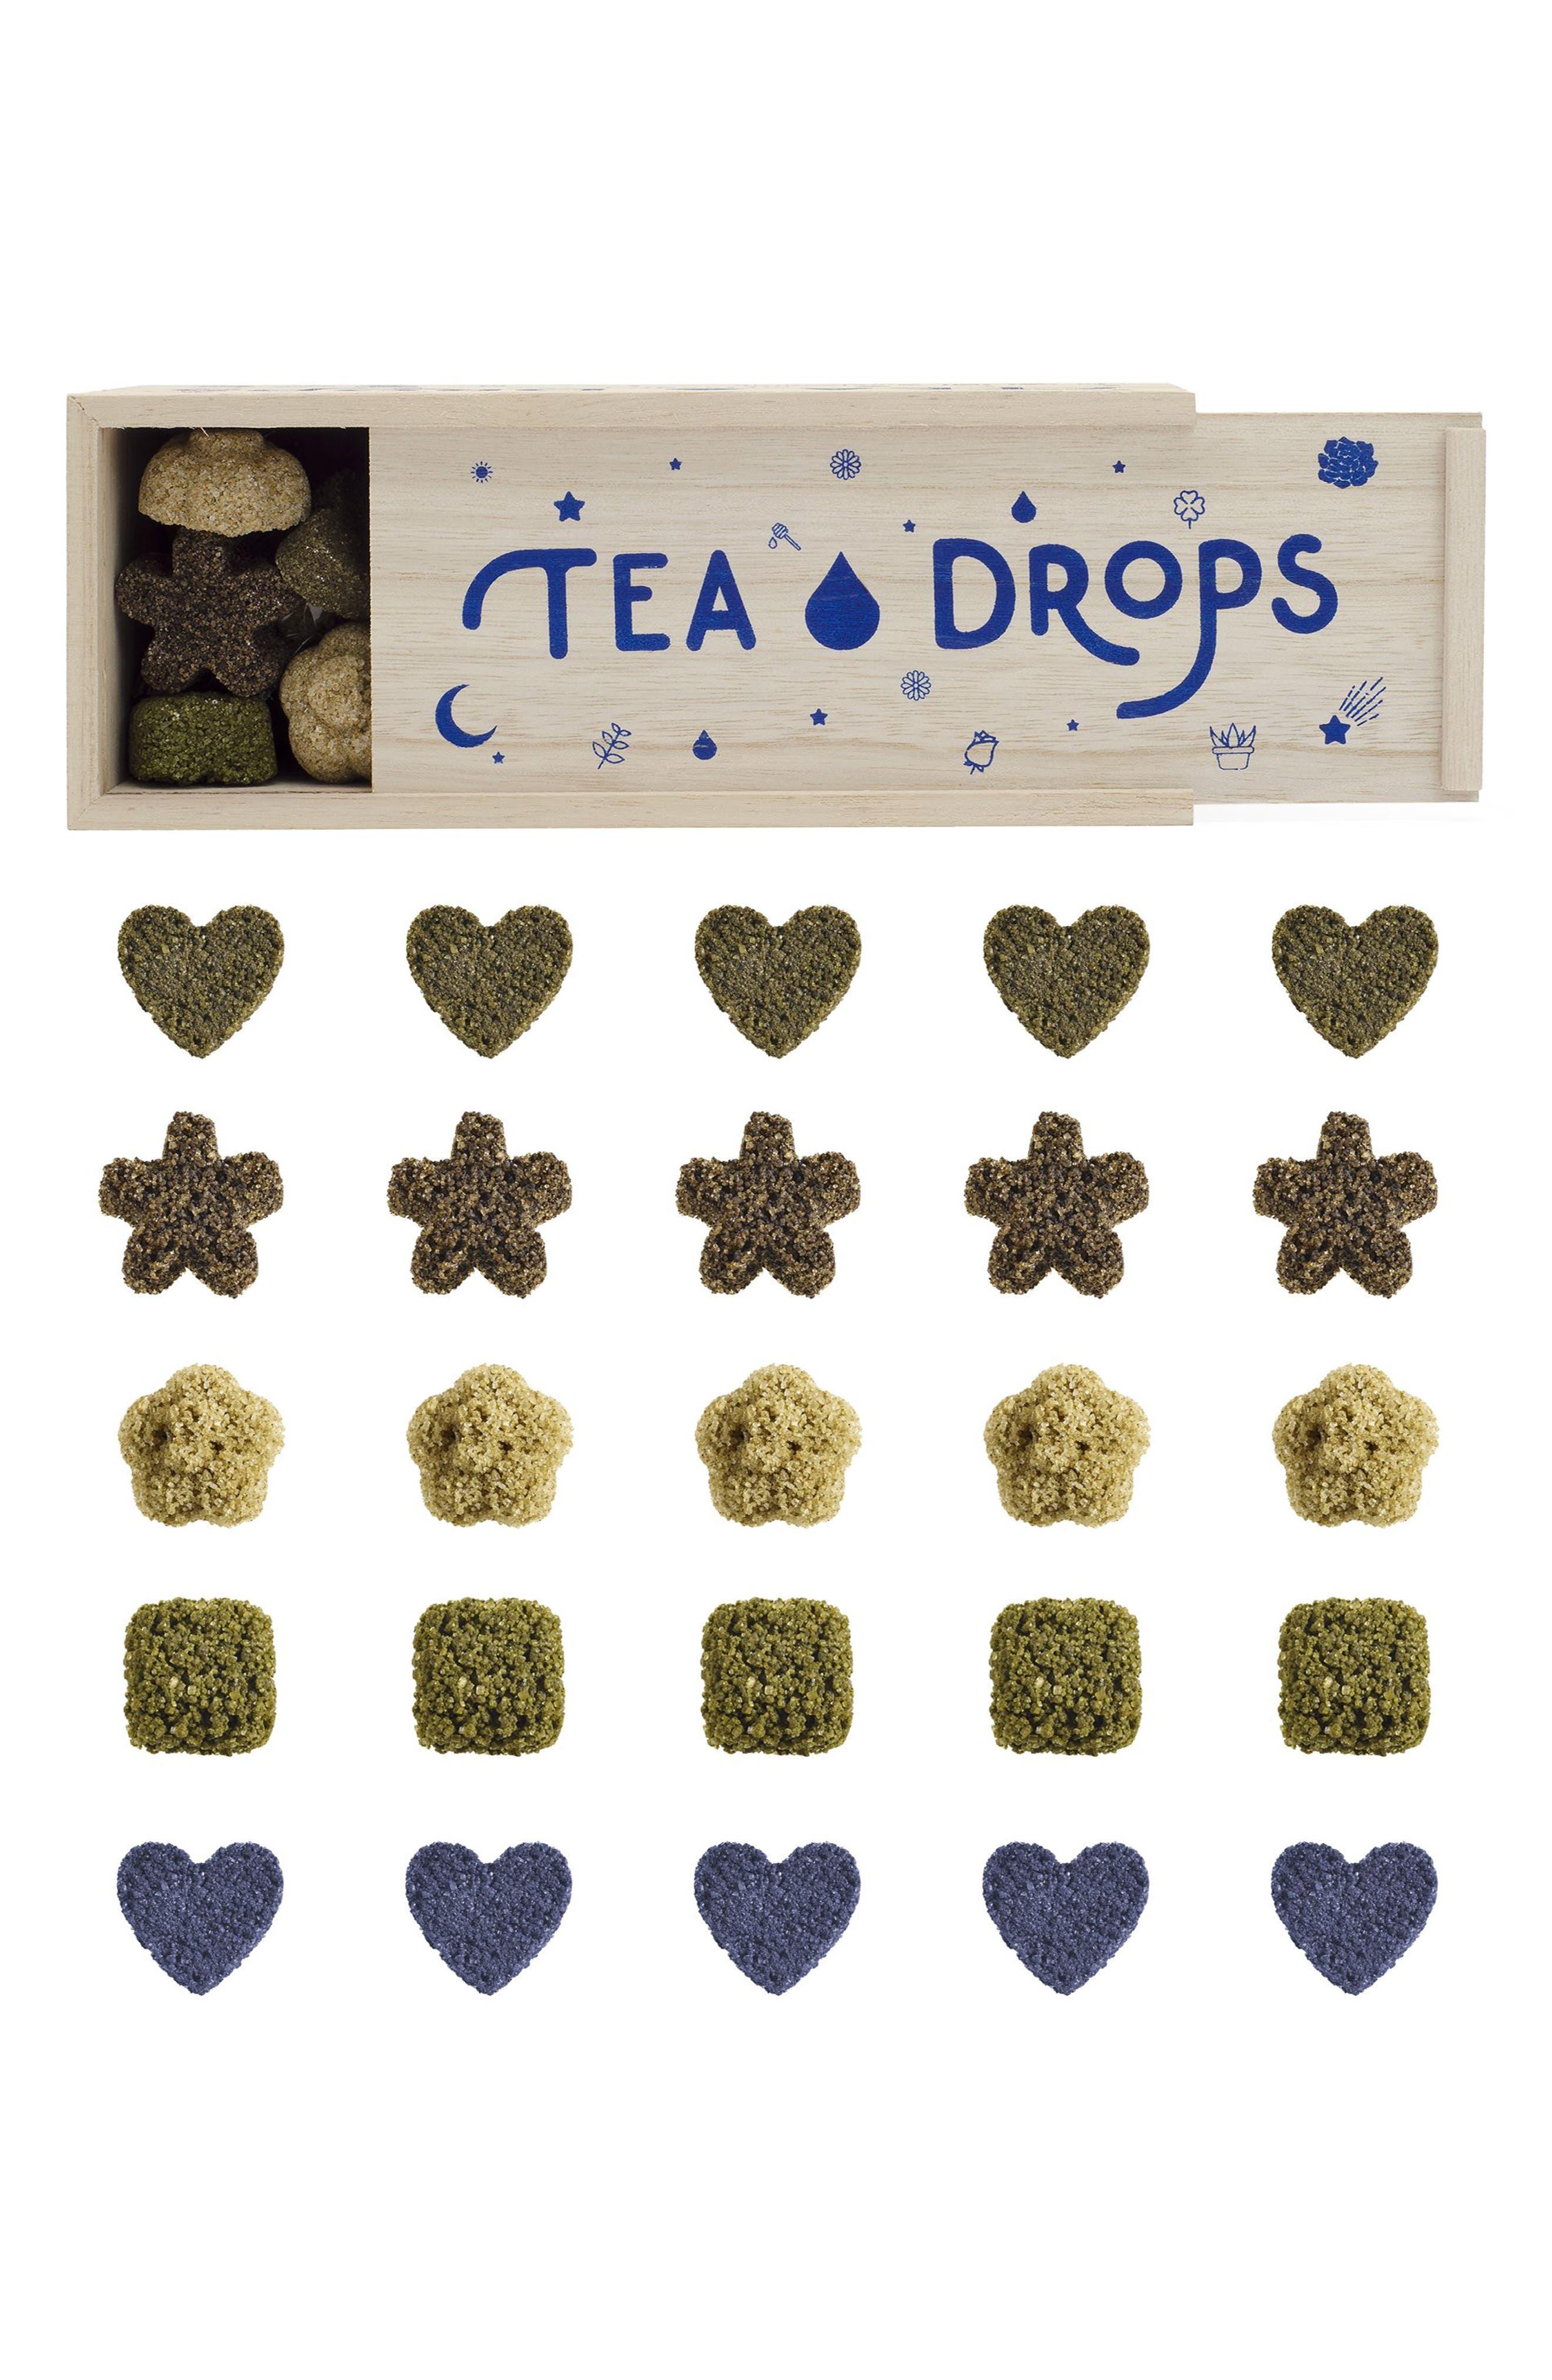 Tea Drops Large Assortment Box